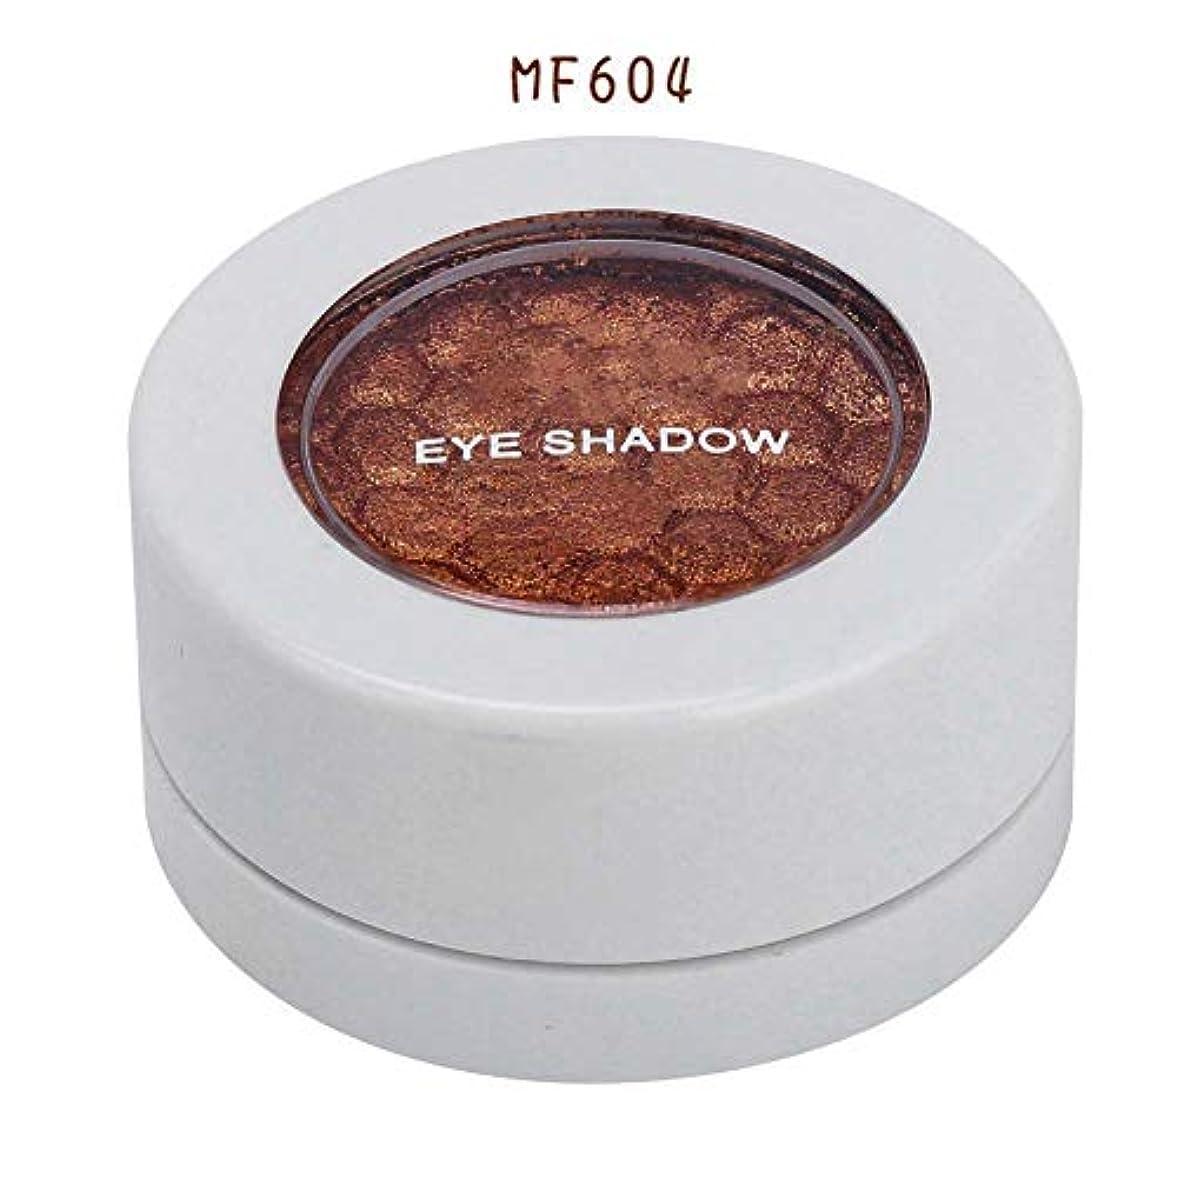 数字単語マーキング4色 アイシャドウパレット アイシャドウパレット 化粧品ツール 化粧マットグロス アイシャドウパウダー (MF604)